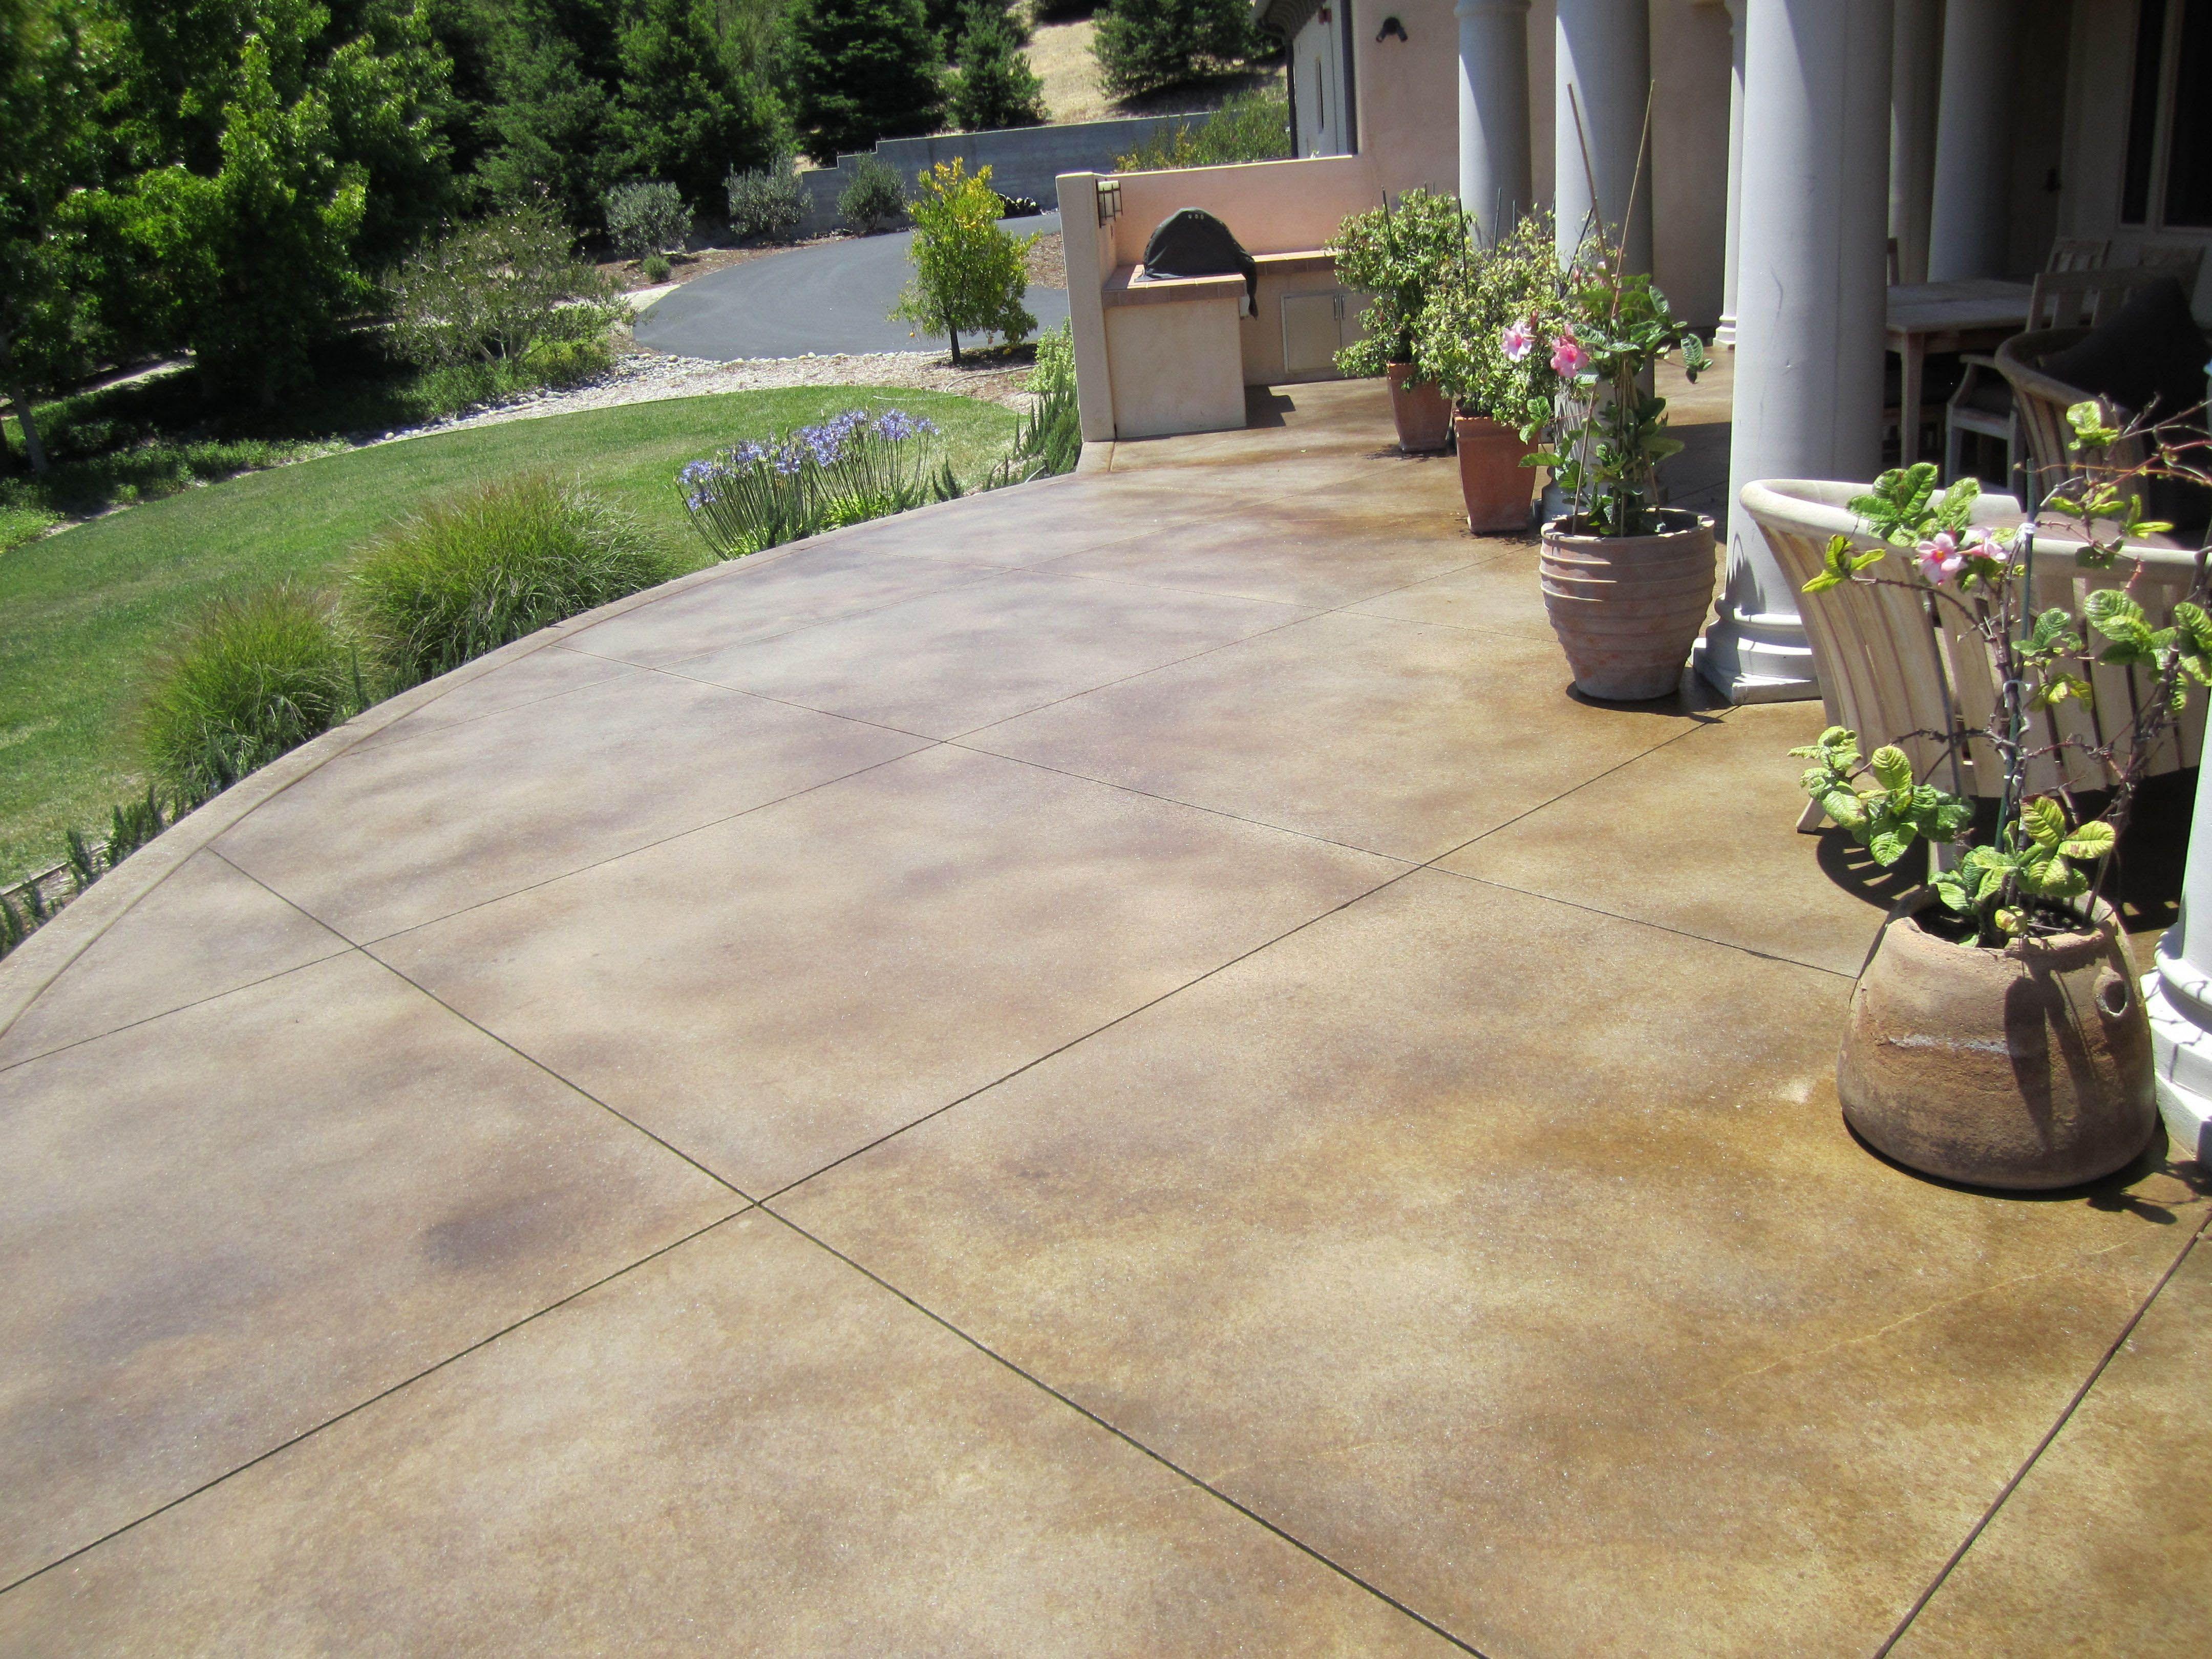 Best Outdoor Concrete Stain.Deck Stain Color Ideas Concrete Patio Designs Outdoor